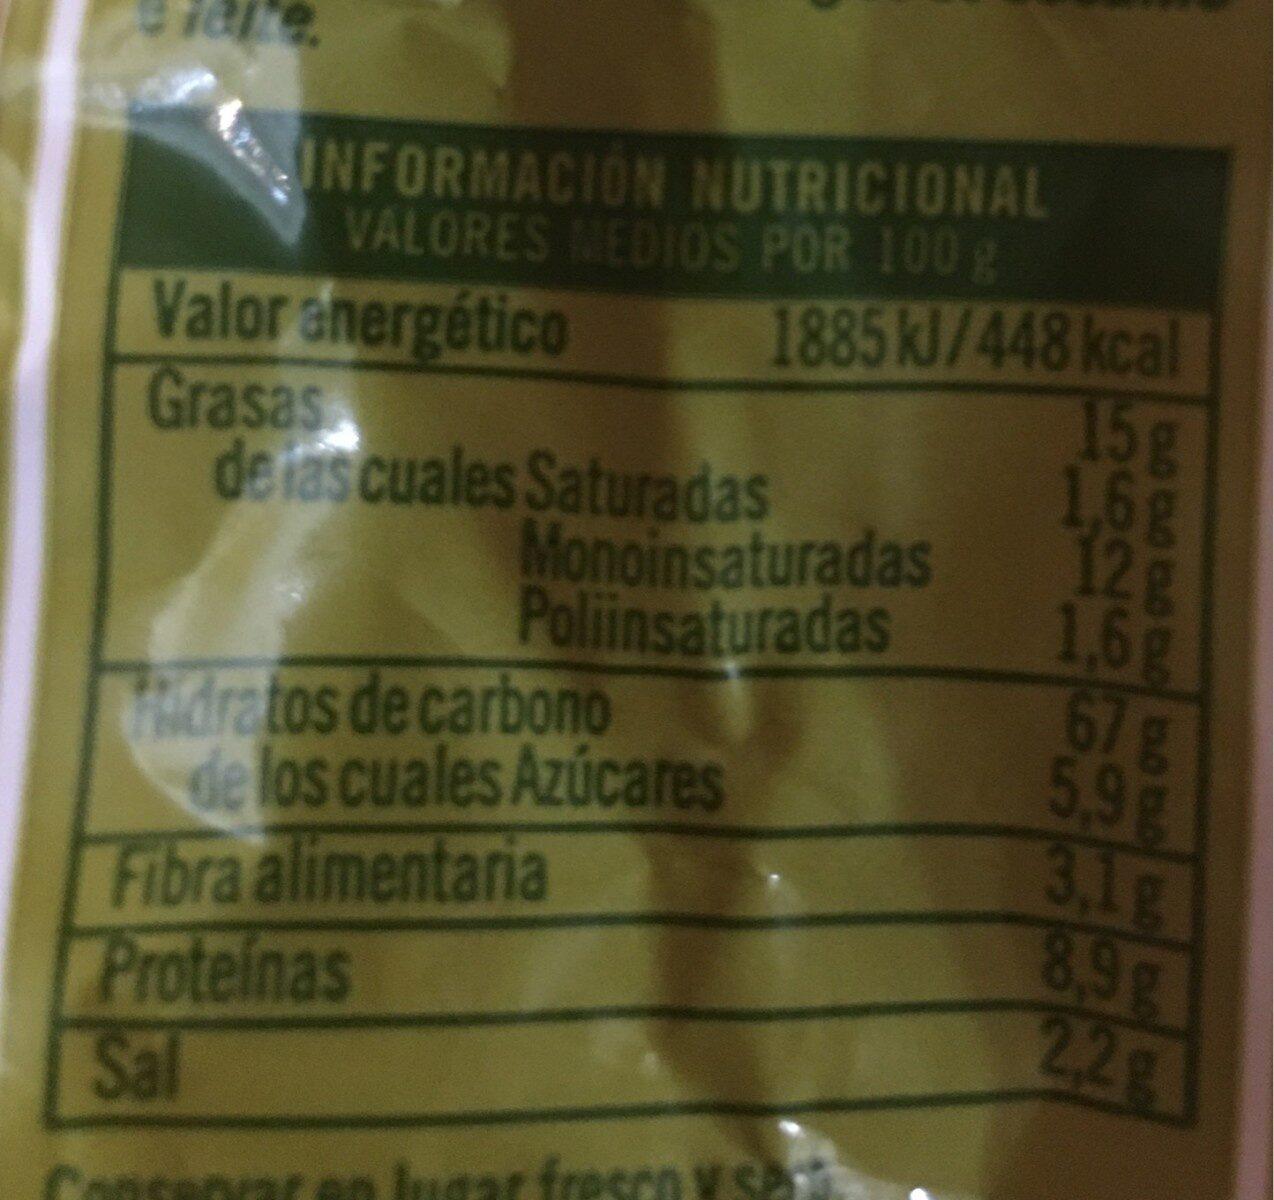 Picos - Brotsticks Mit Olivenöl - Información nutricional - fr